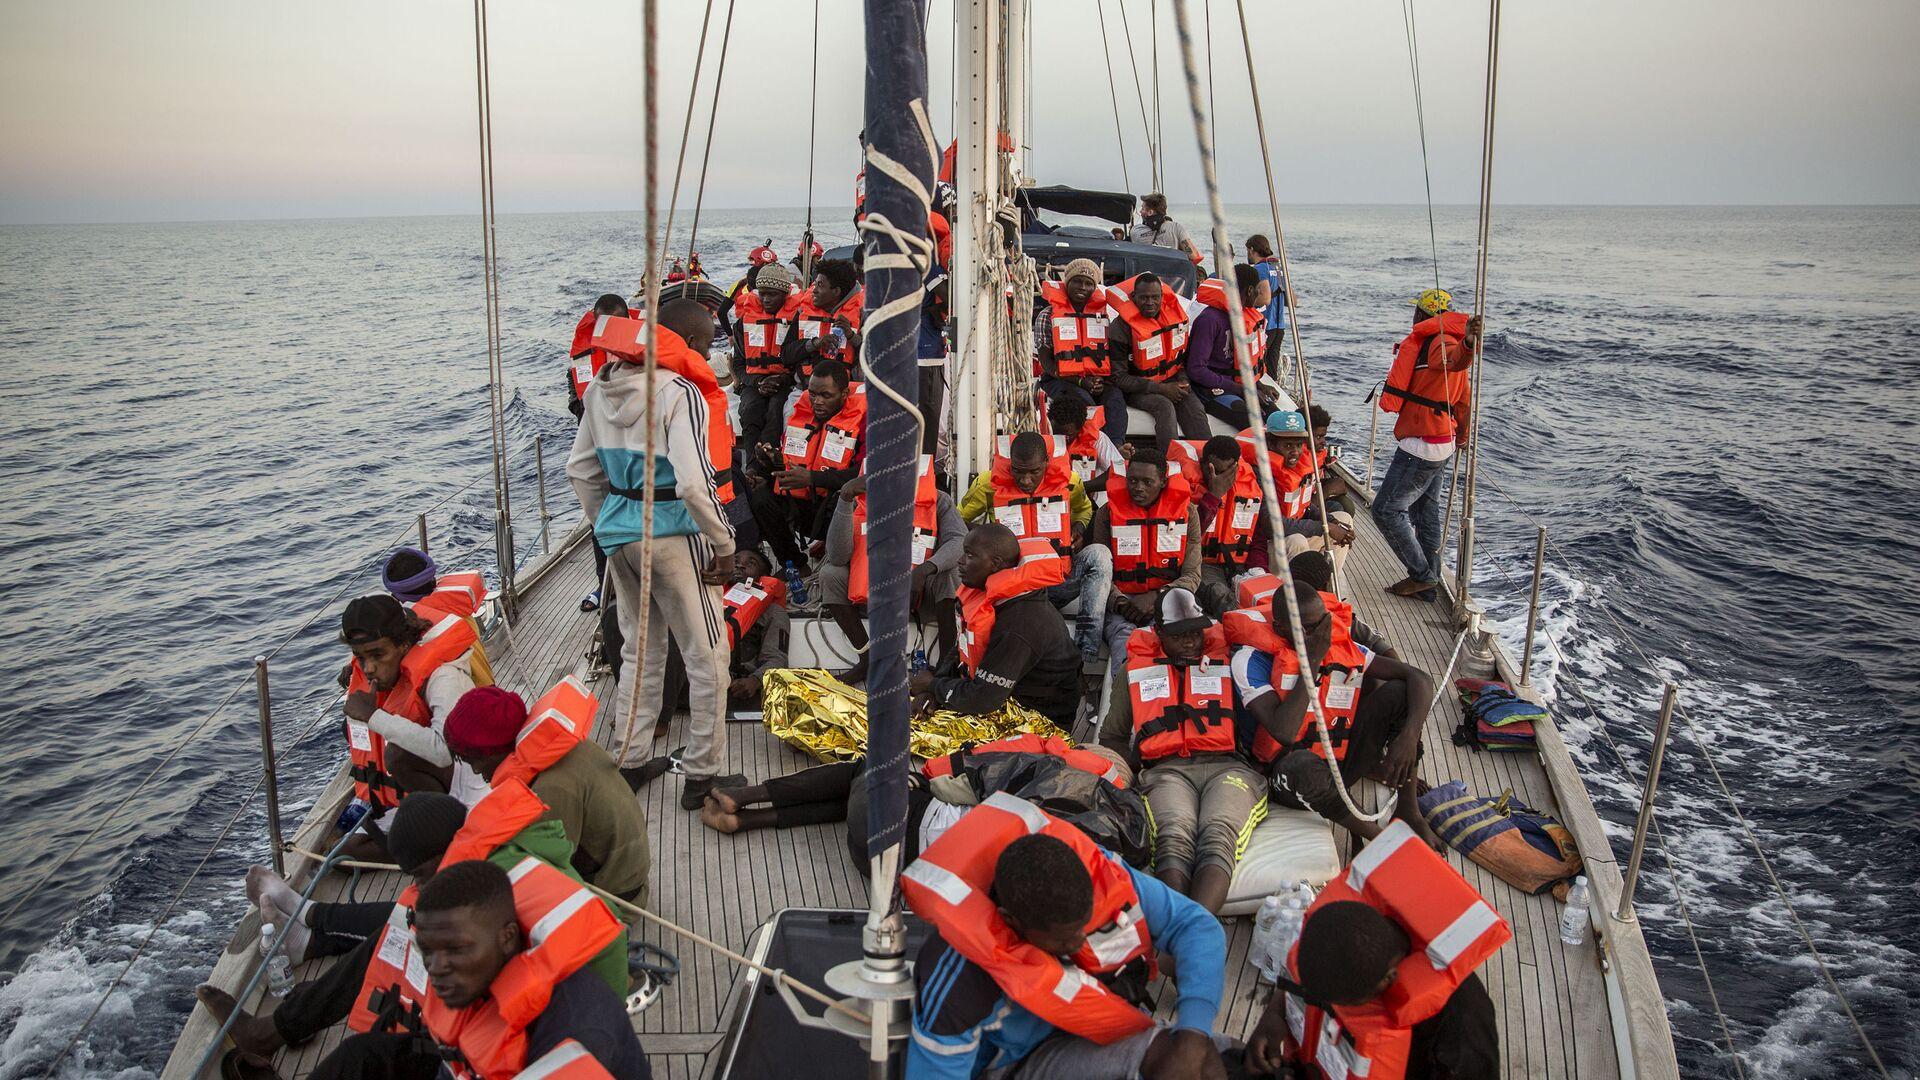 Loď Alex humanitární neziskové organizace Mediterranea Saving Humans - Sputnik Česká republika, 1920, 13.05.2021